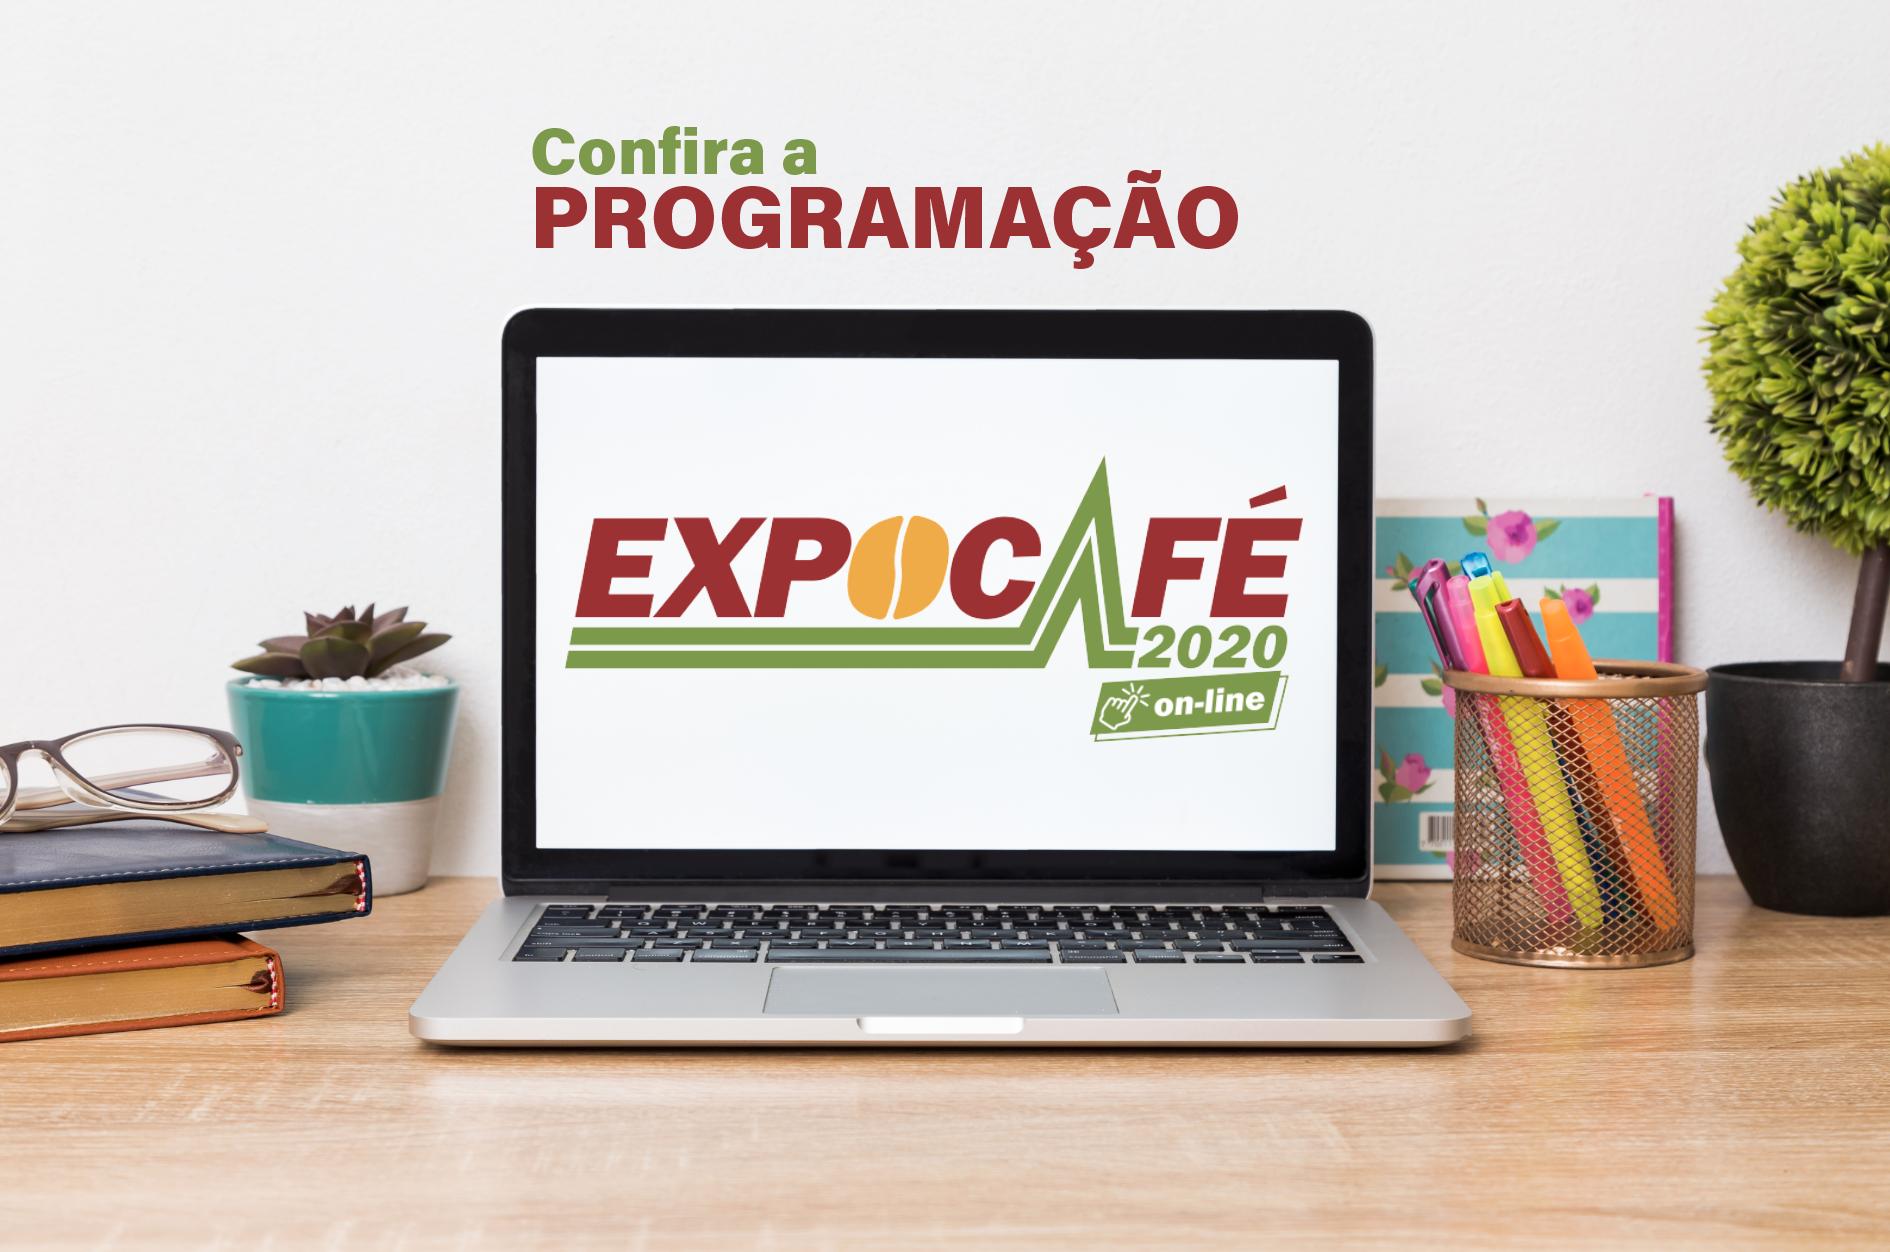 Expocafé 2020 começa na próxima semana